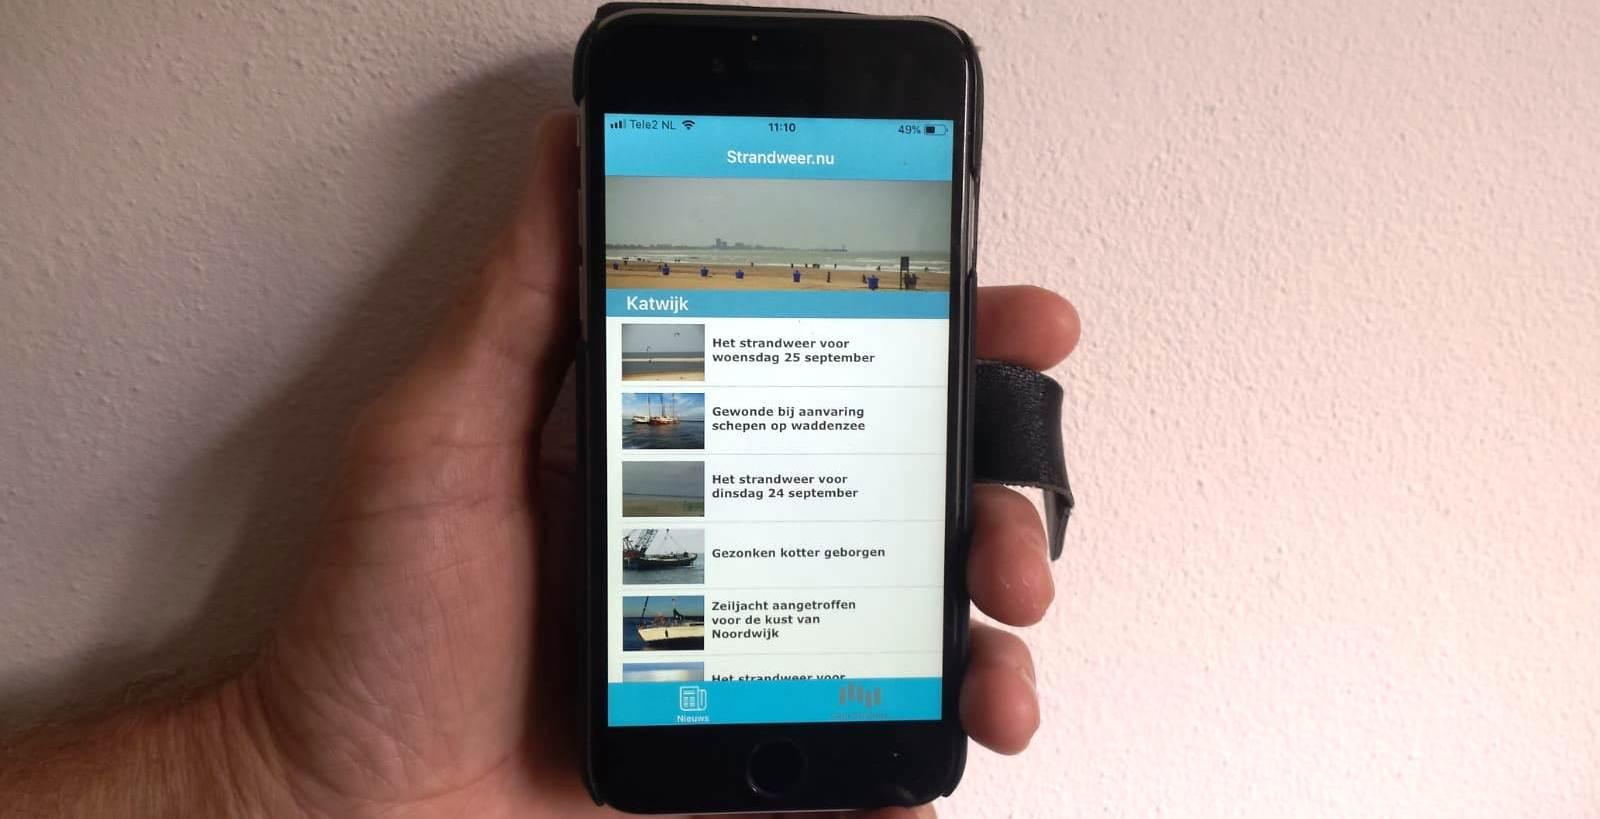 Binnenkort iOS app Strandweer.nu verkrijgbaar